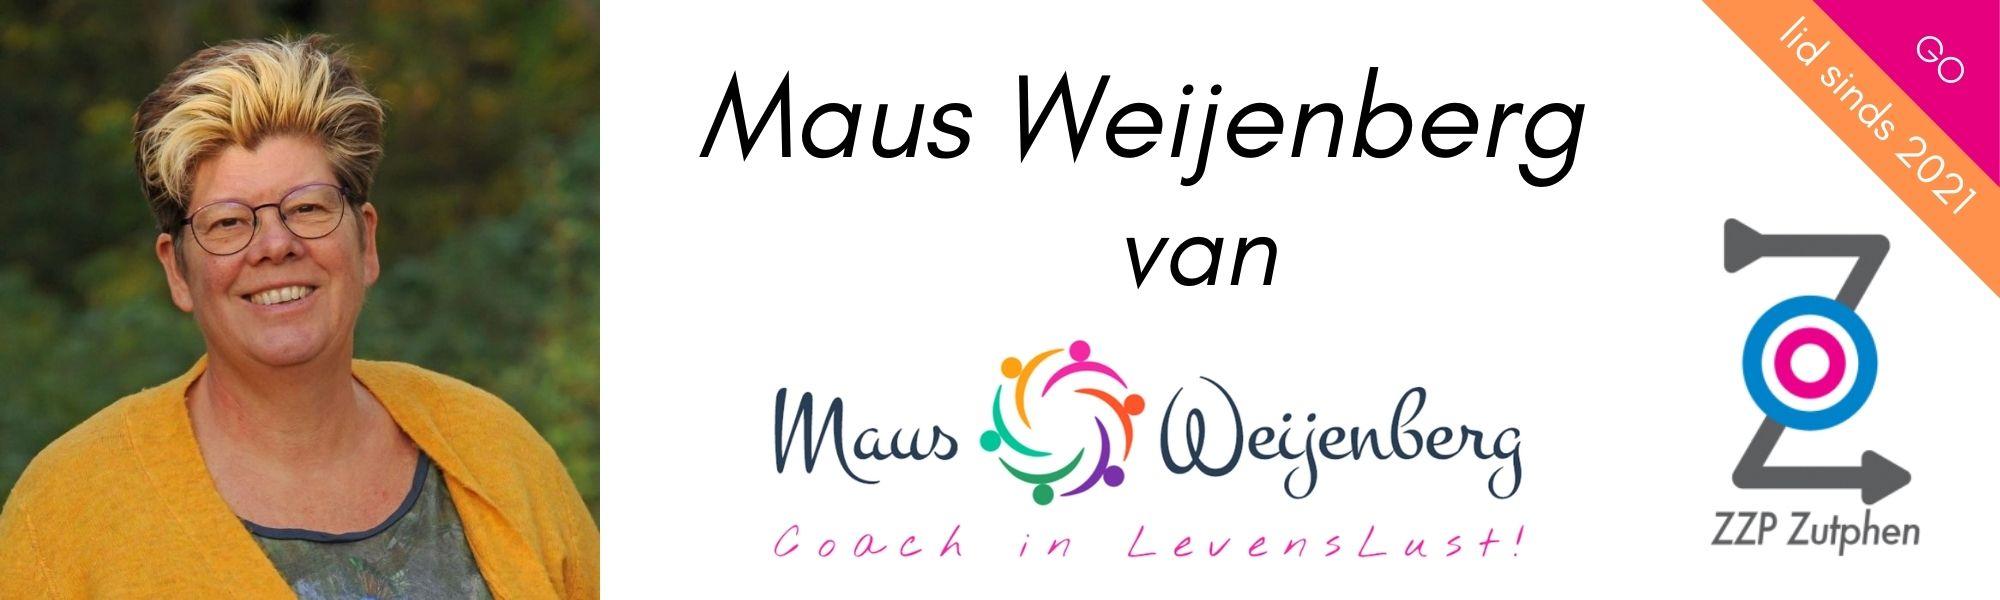 rebalancing-coach-zutphen-coach-in-levenslust